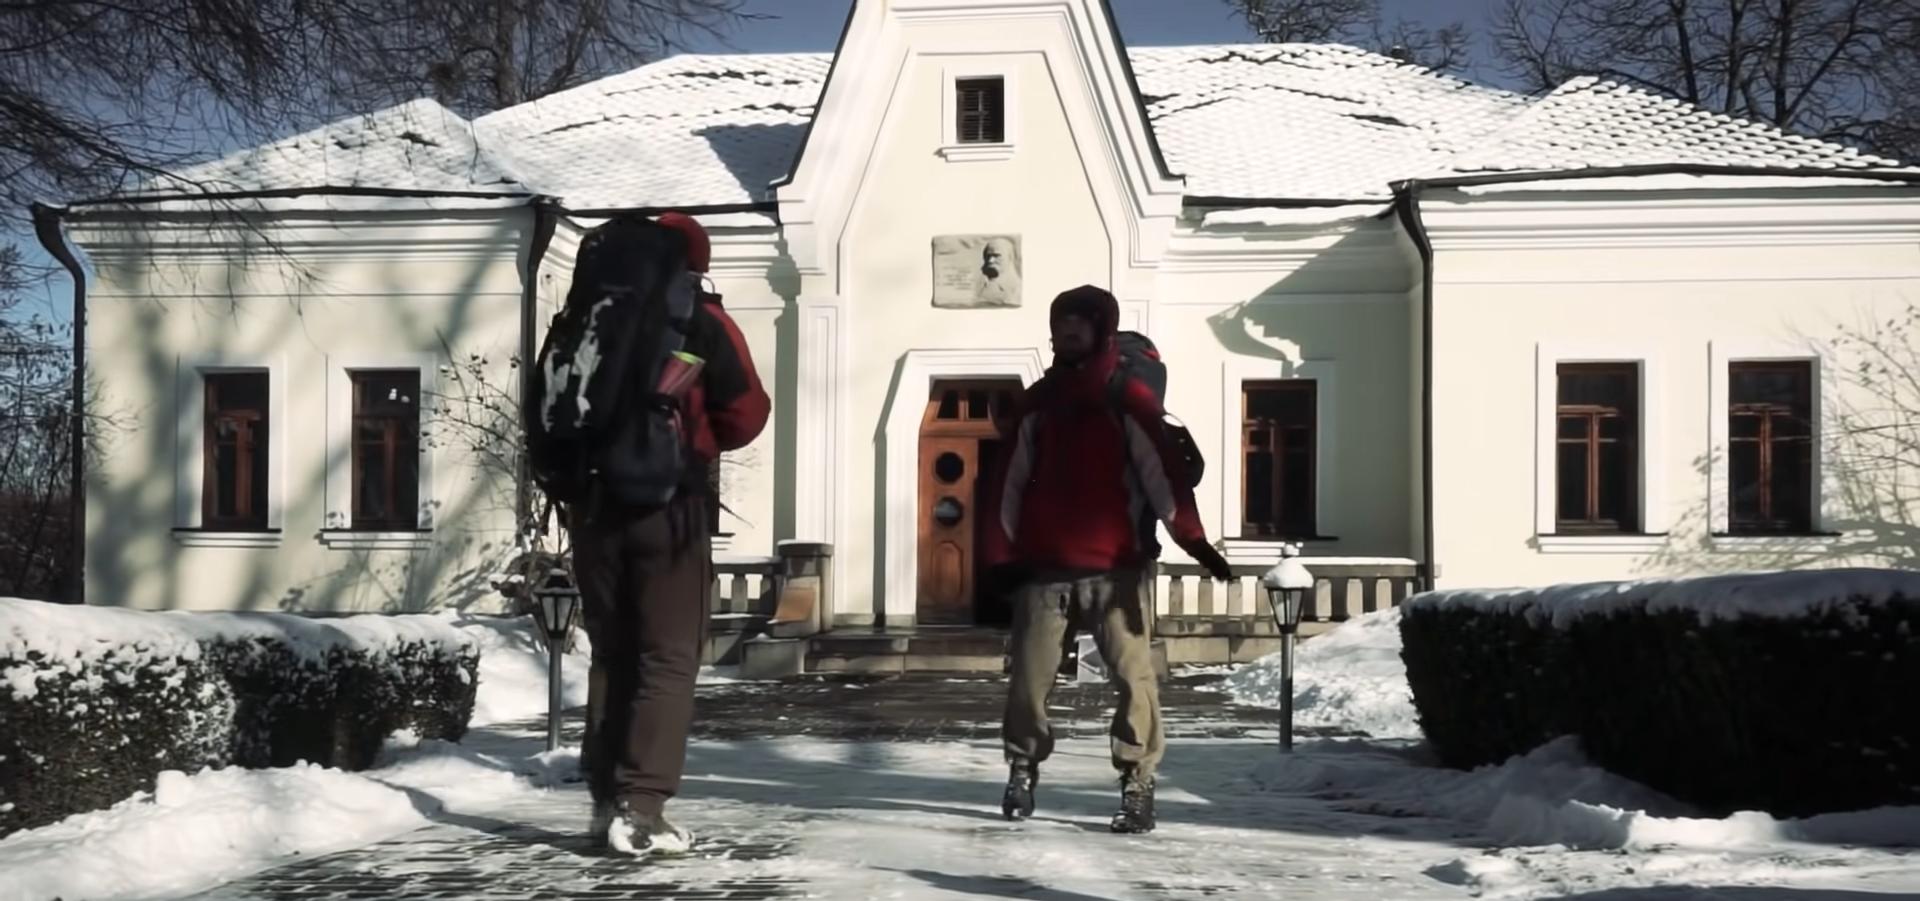 Черкащина: експедитори пройшлись слідами класика української літератури (ВІДЕО)